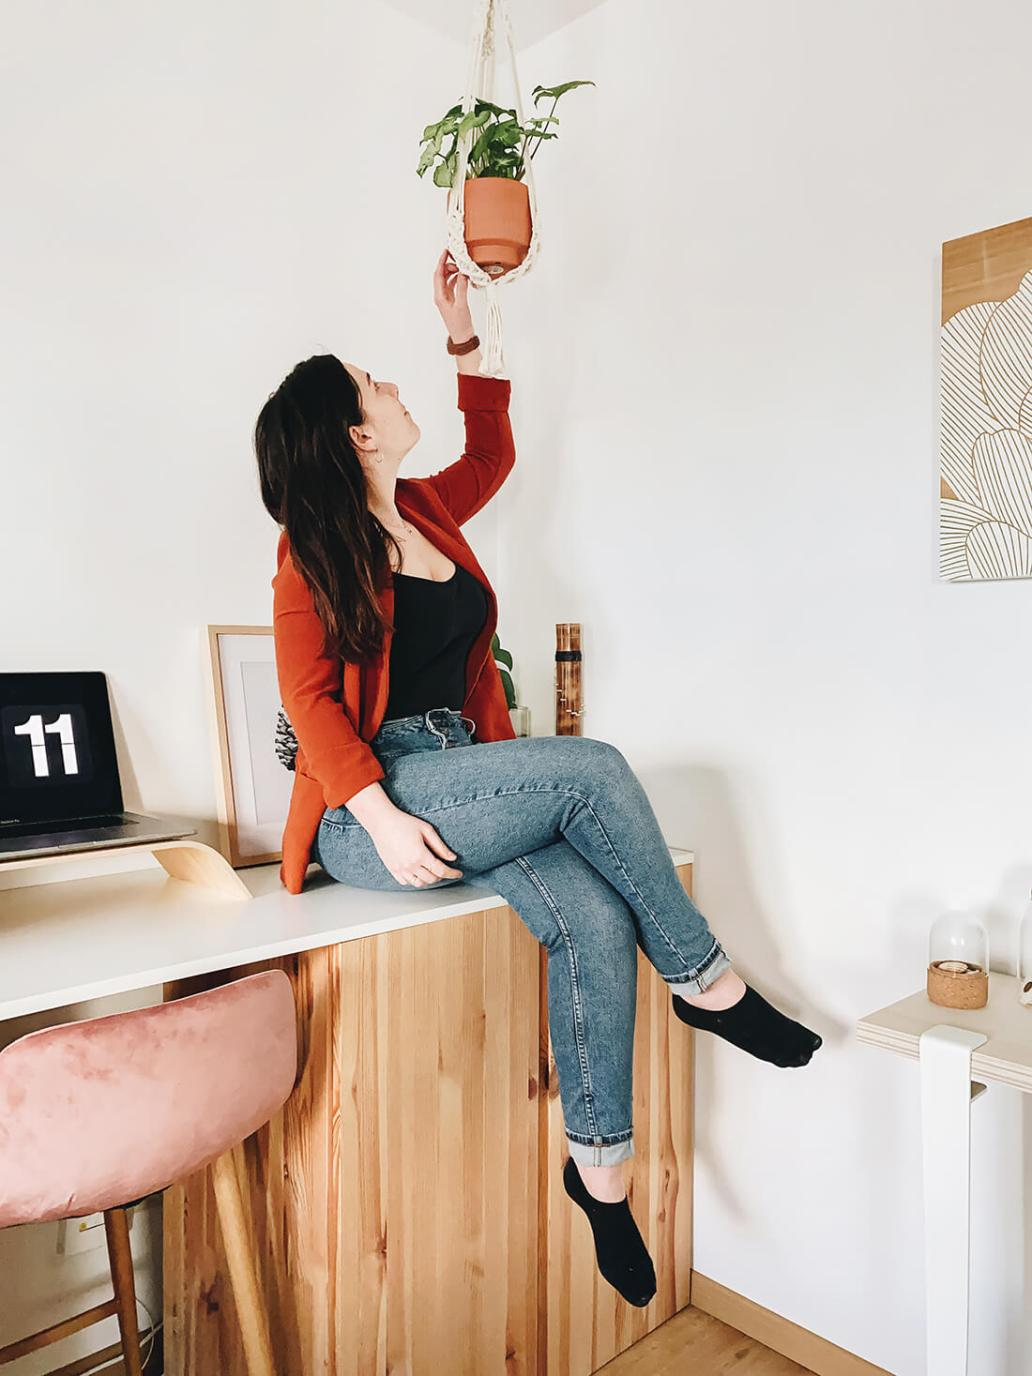 marmille profil 3 - Visite privée : découvrez l'appartement Hygge de Marmille